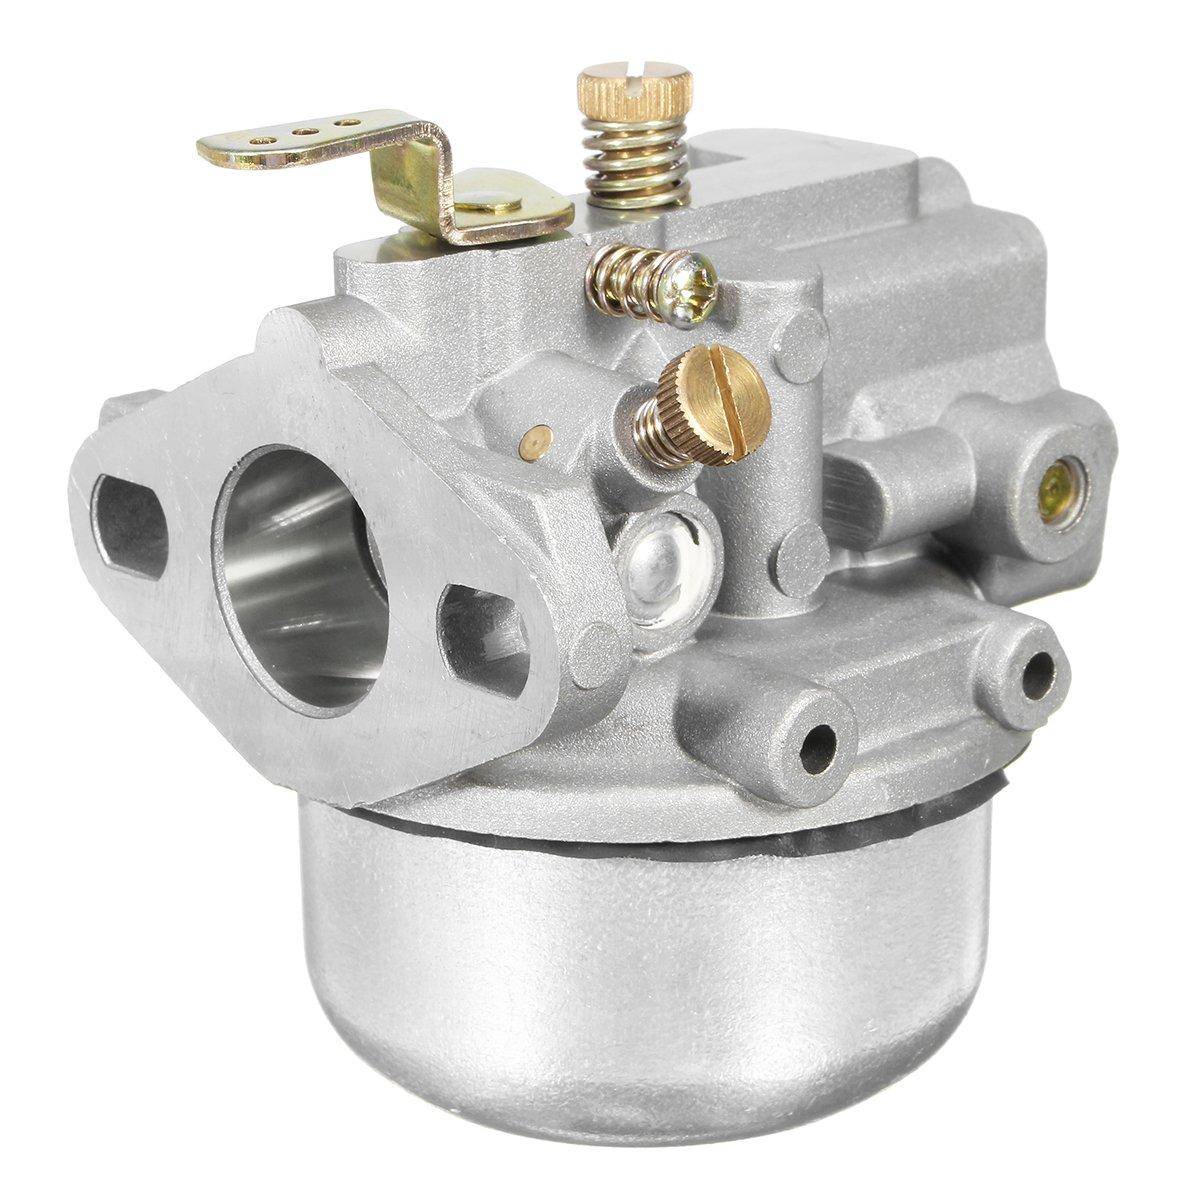 Wooya Kohler Engine Motor Carb Carburetor Fits For K90 K91 K141 K160 K161 K181 Engines